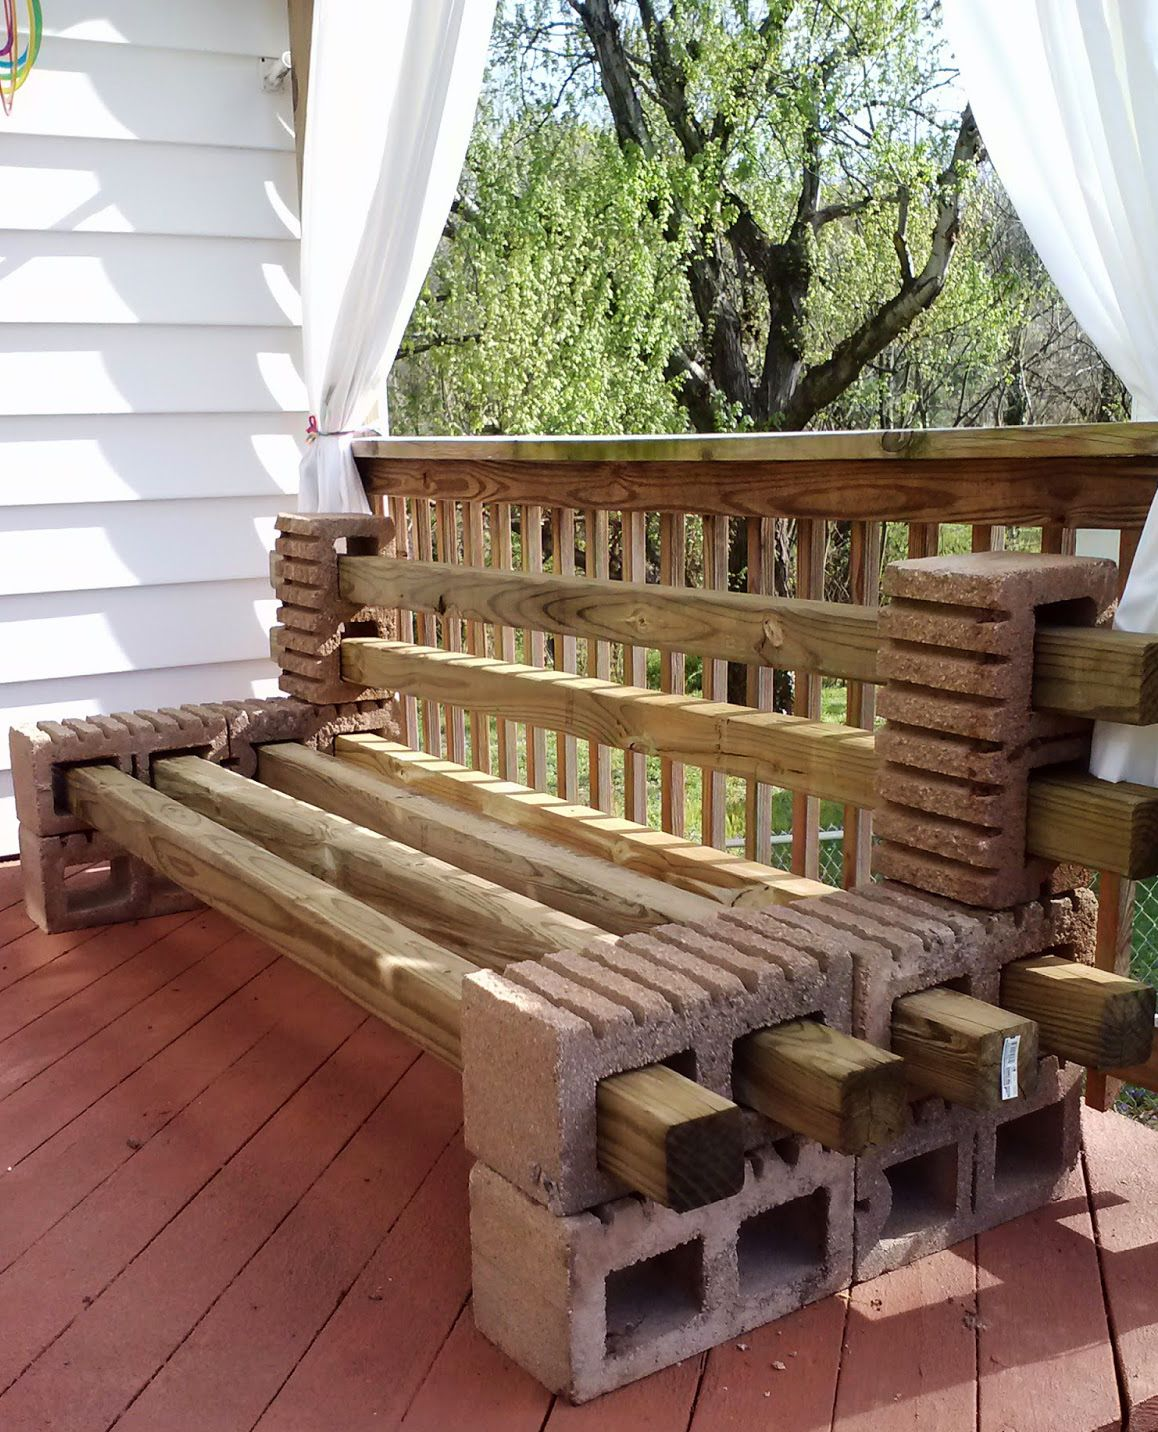 gartenbank selber bauen mit kantholz und betonblöcken | DIY happy ...